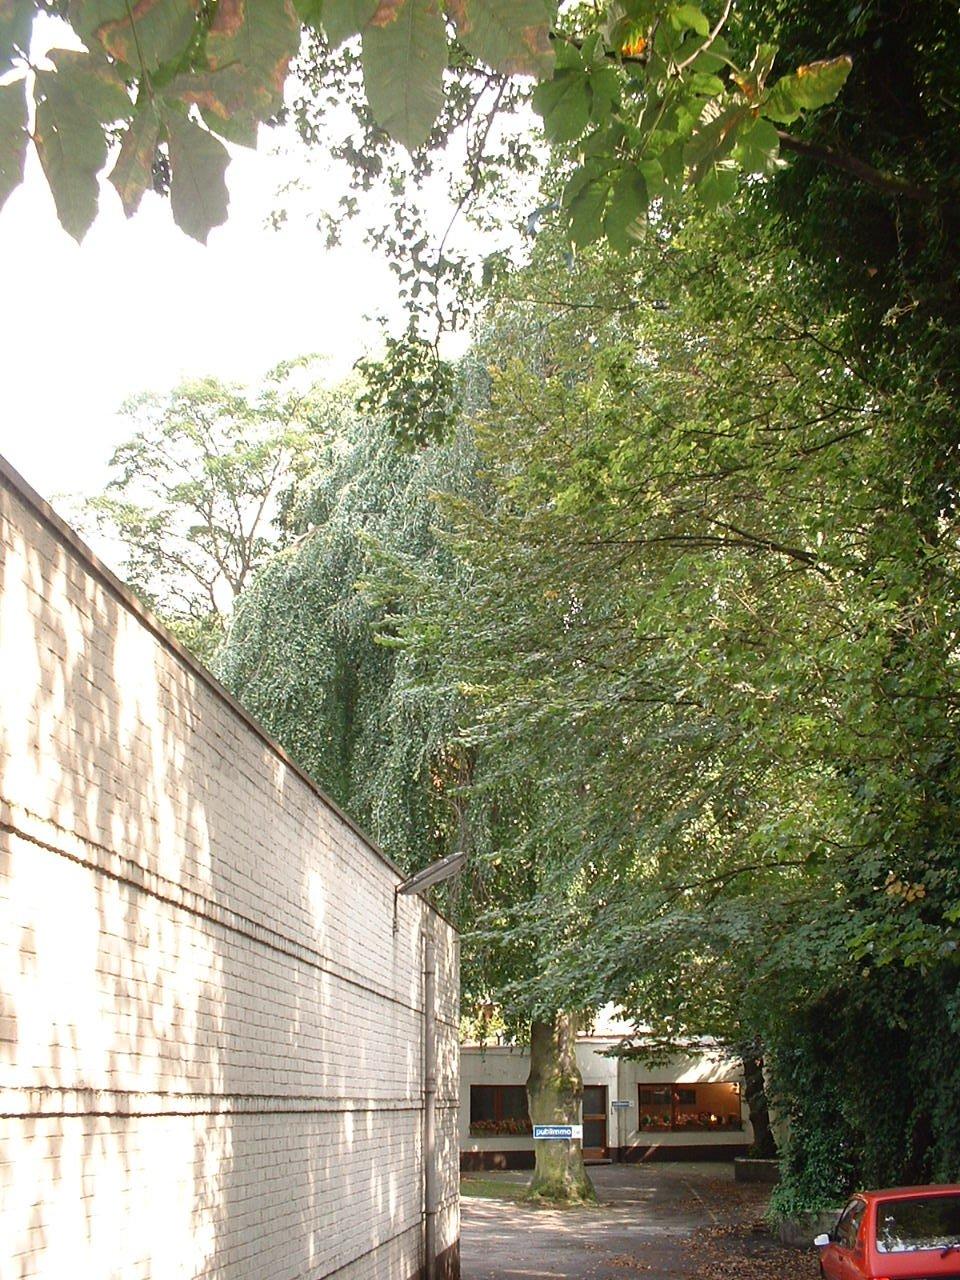 Hêtre pleureur – Saint-Gilles, Avenue Brugmann, 24 –  19 Août 2002